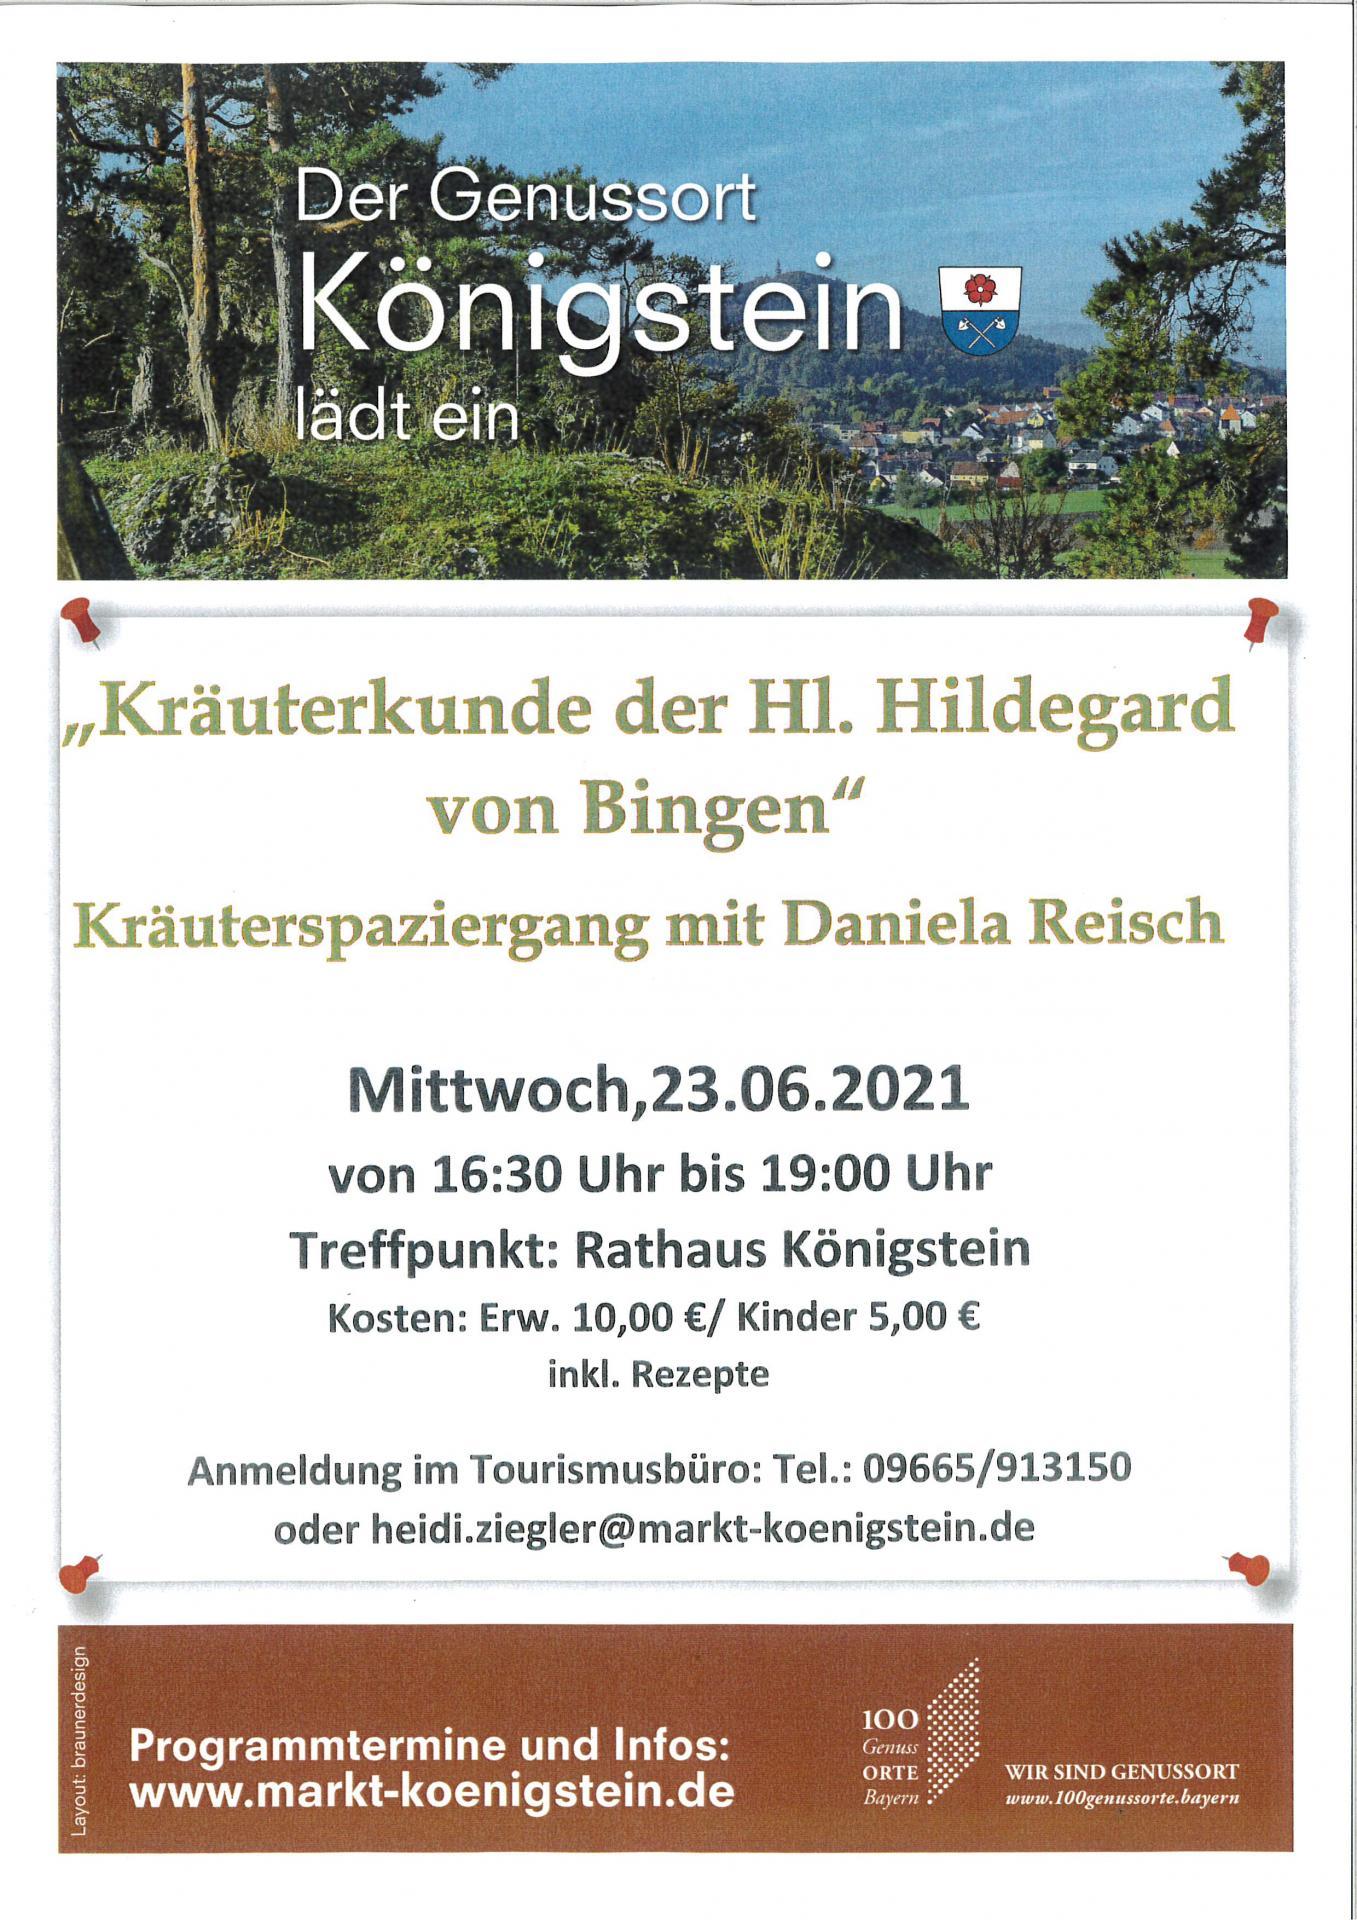 Kräuterkunde Hildegard von Bingen